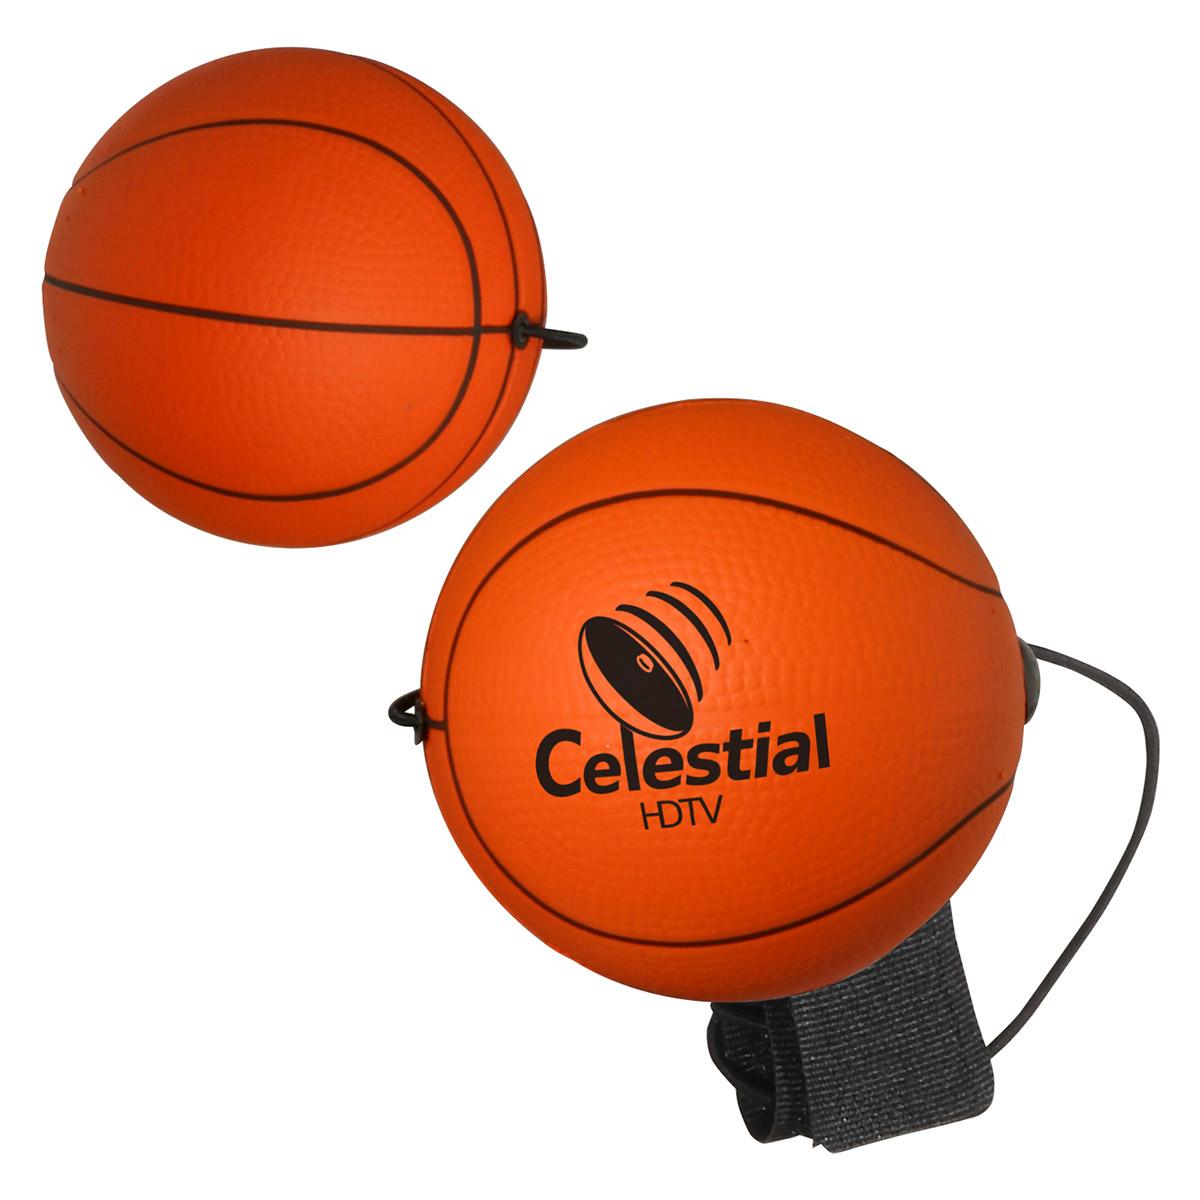 Basketball Yo-Yo Bungee Stress Reliever, LYY-BK02 - 1 Colour Imprint